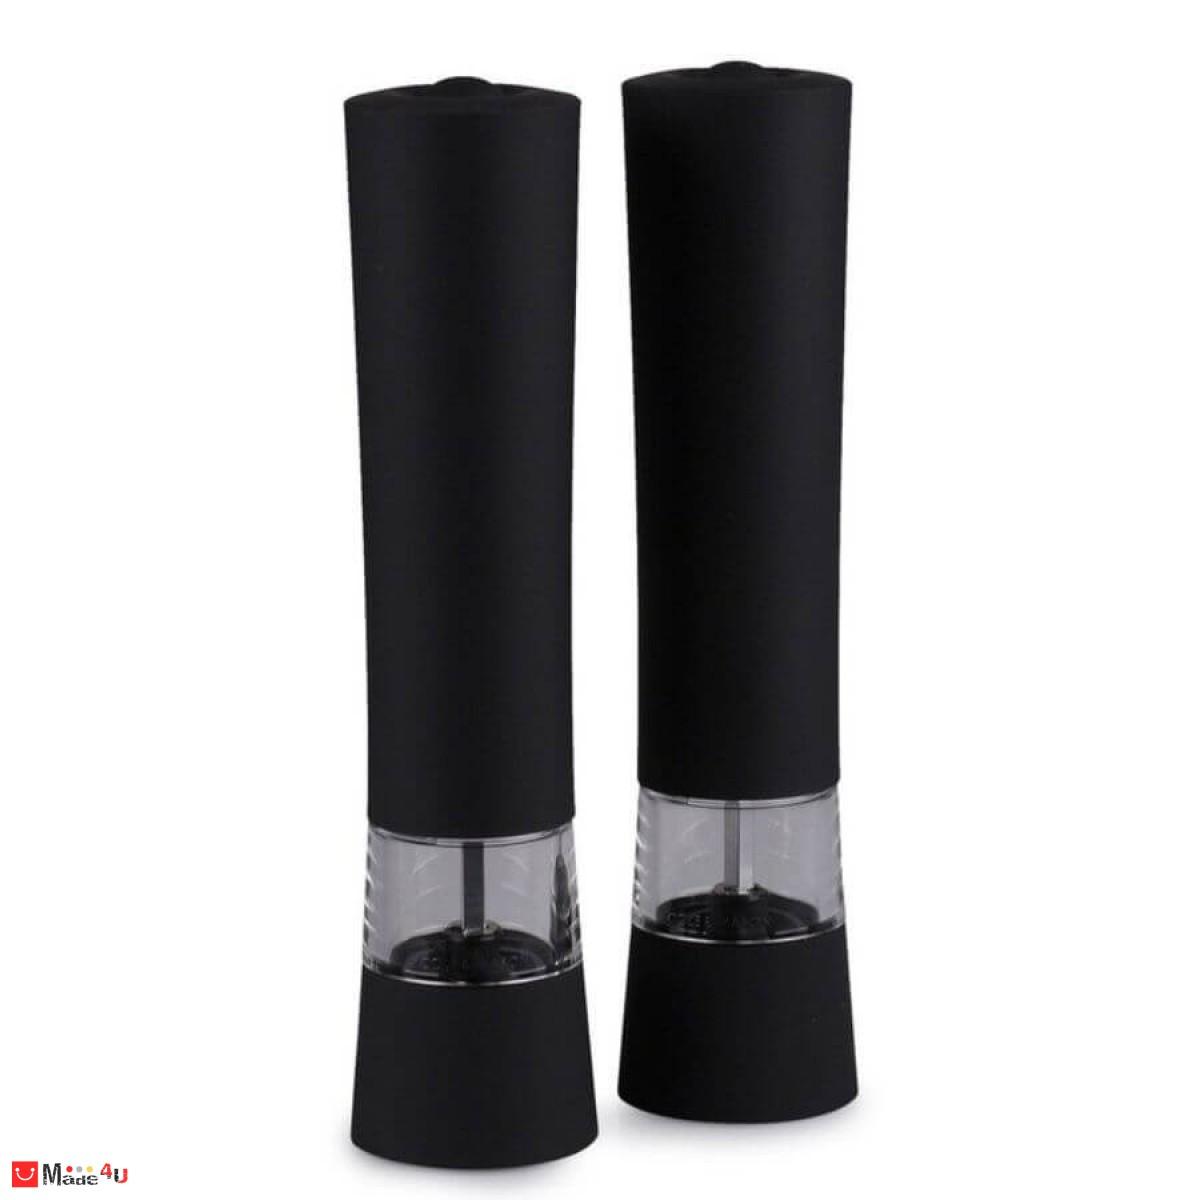 Луксозен Gift Set електрически мелнички за сол и пипер VICTORIA 21см, COLE&MASON